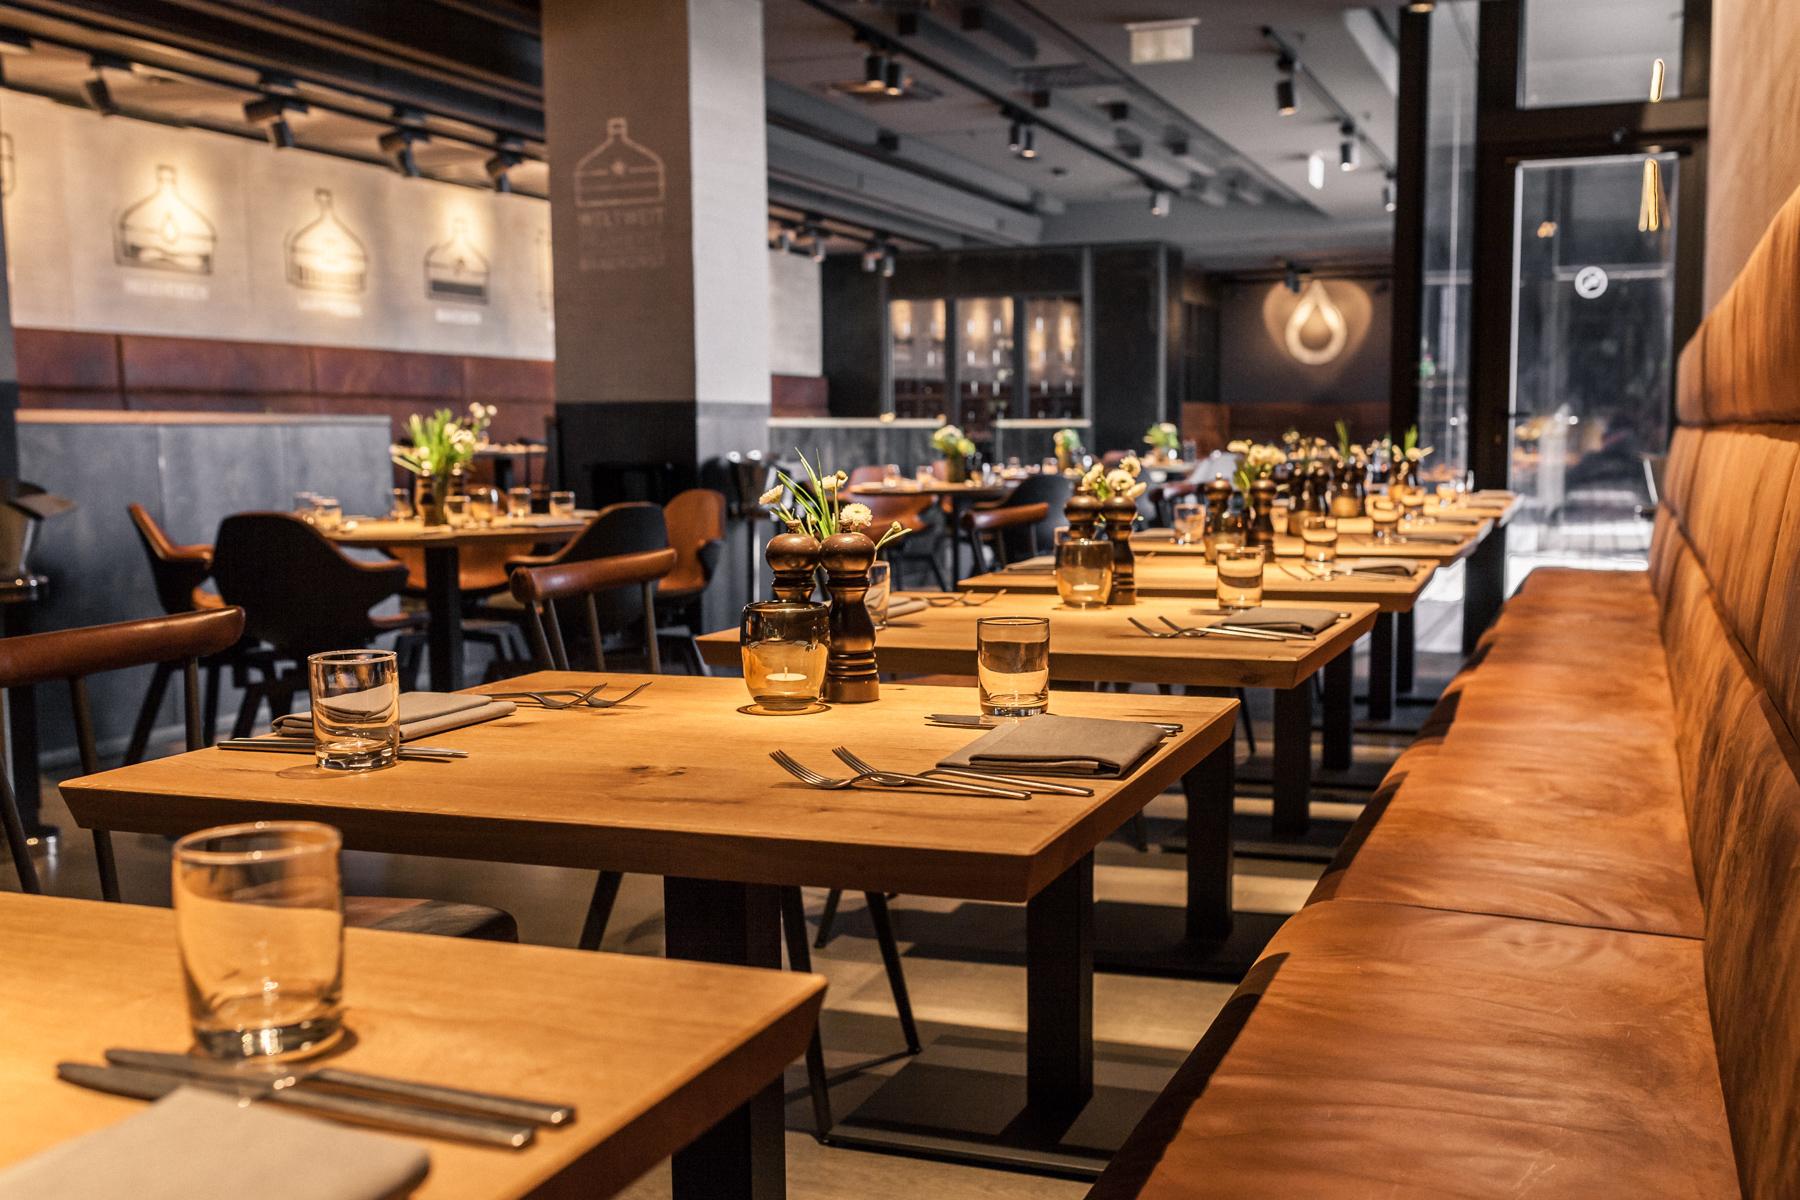 Galerie_Restaurant_Tischreihe